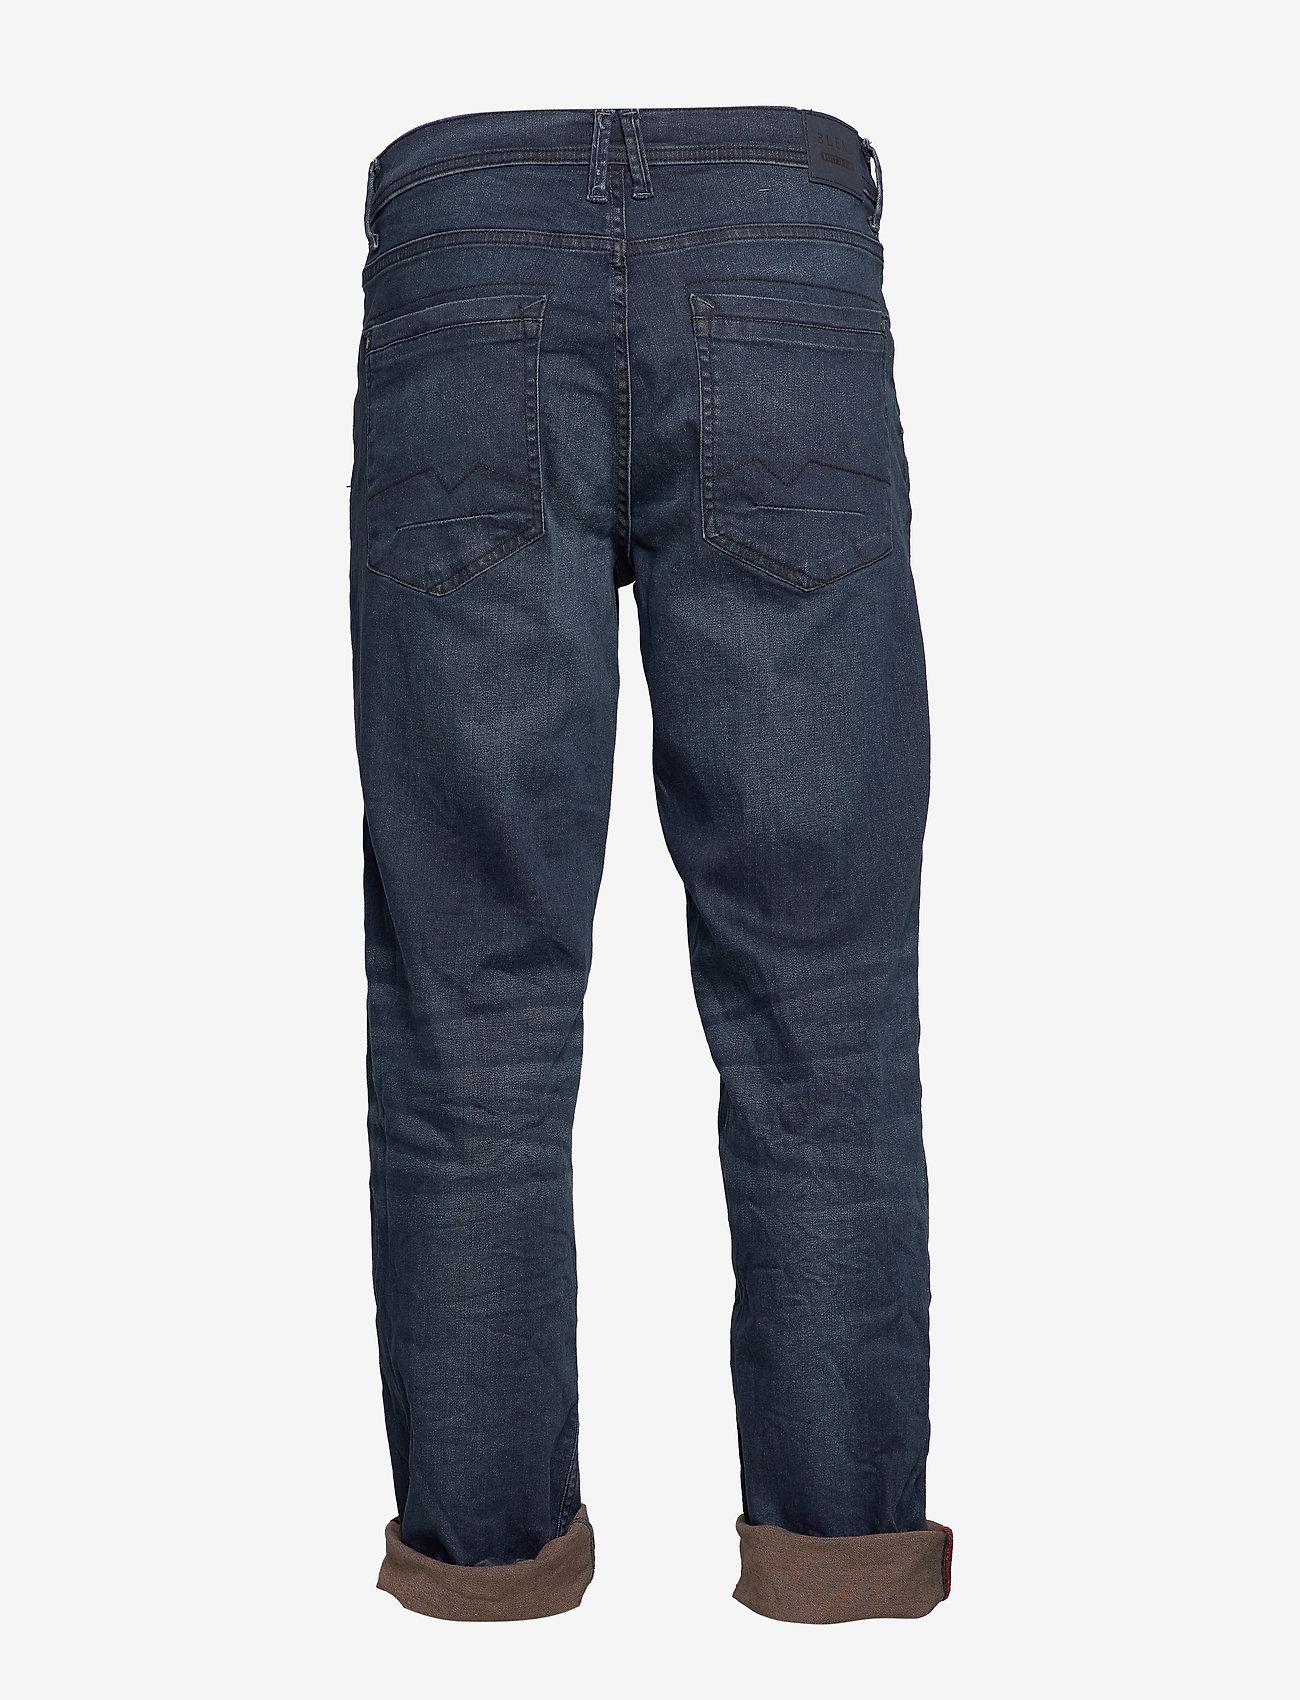 Blend - Rock fit - NOOS Jeans - regular jeans - denim dark blue - 1